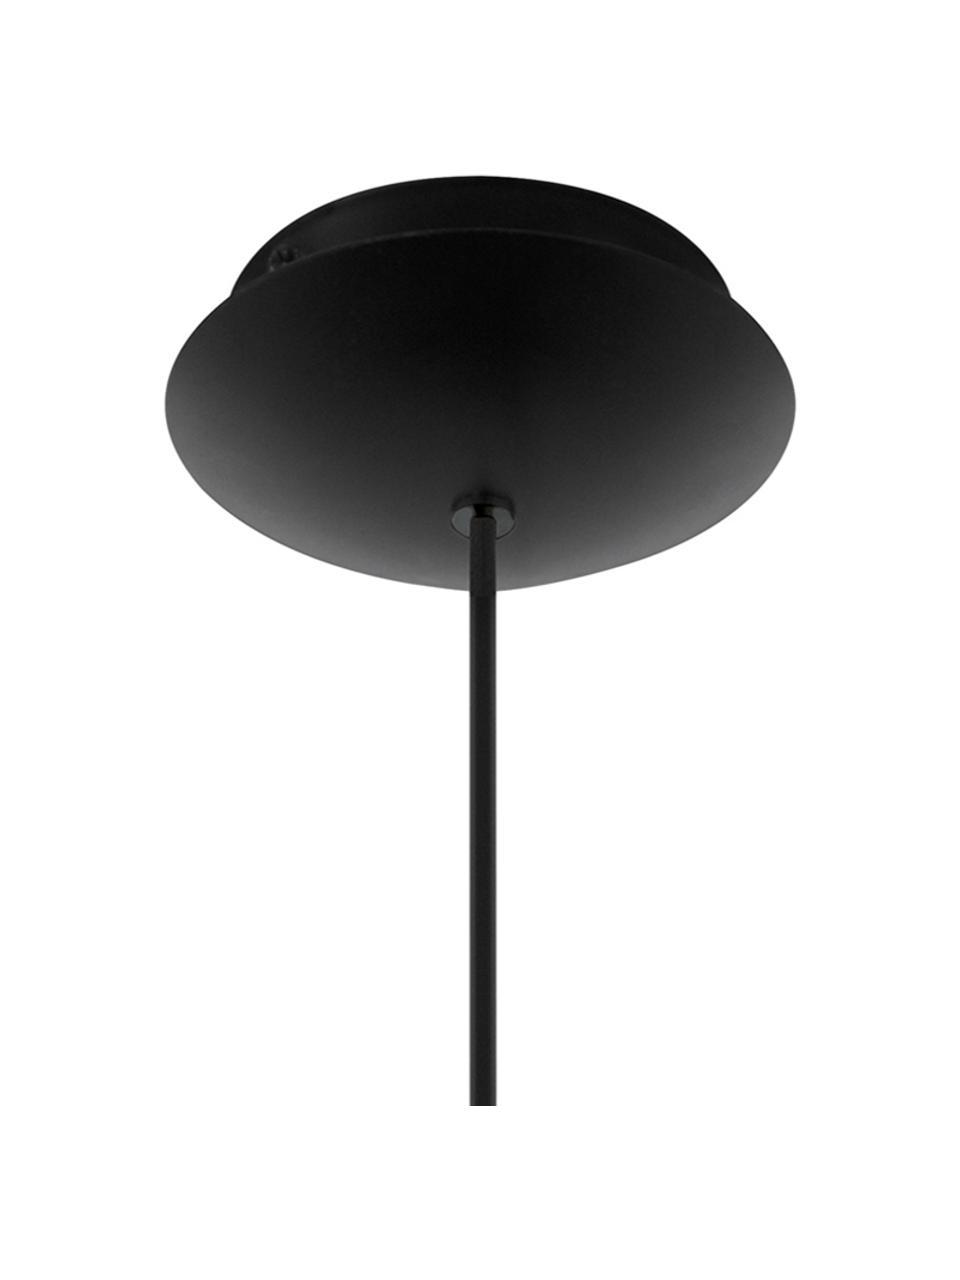 Lampada a sospensione retrò Roccamena, Paralume: acciaio verniciato, Baldacchino: acciaio verniciato, Nero, Ø 13 x Alt. 30 cm